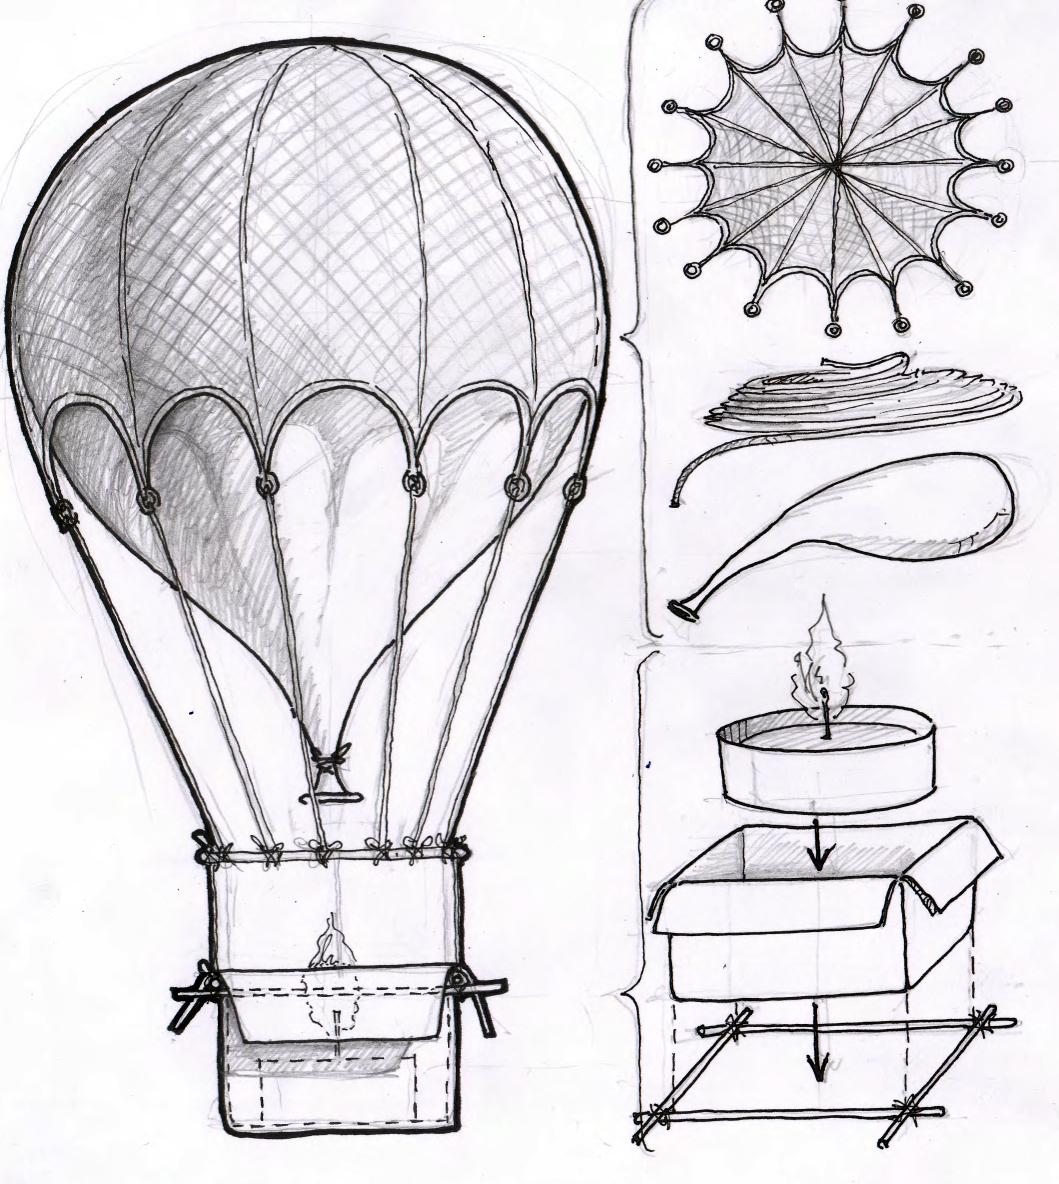 13 февруари 2016 г -Модел на балон за летене